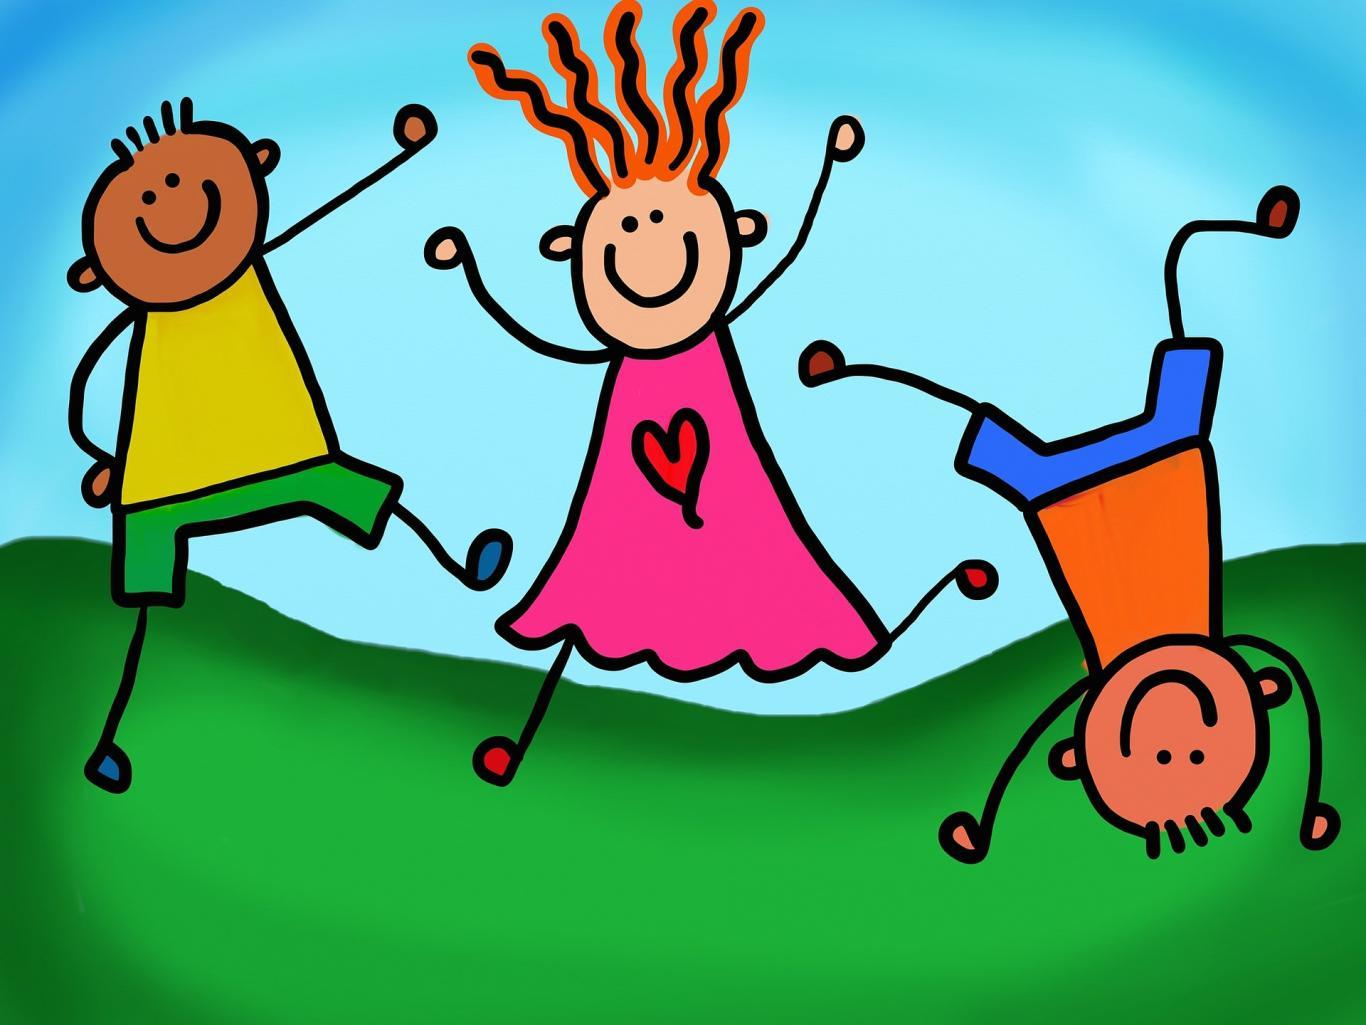 Dibujo de niños jugando